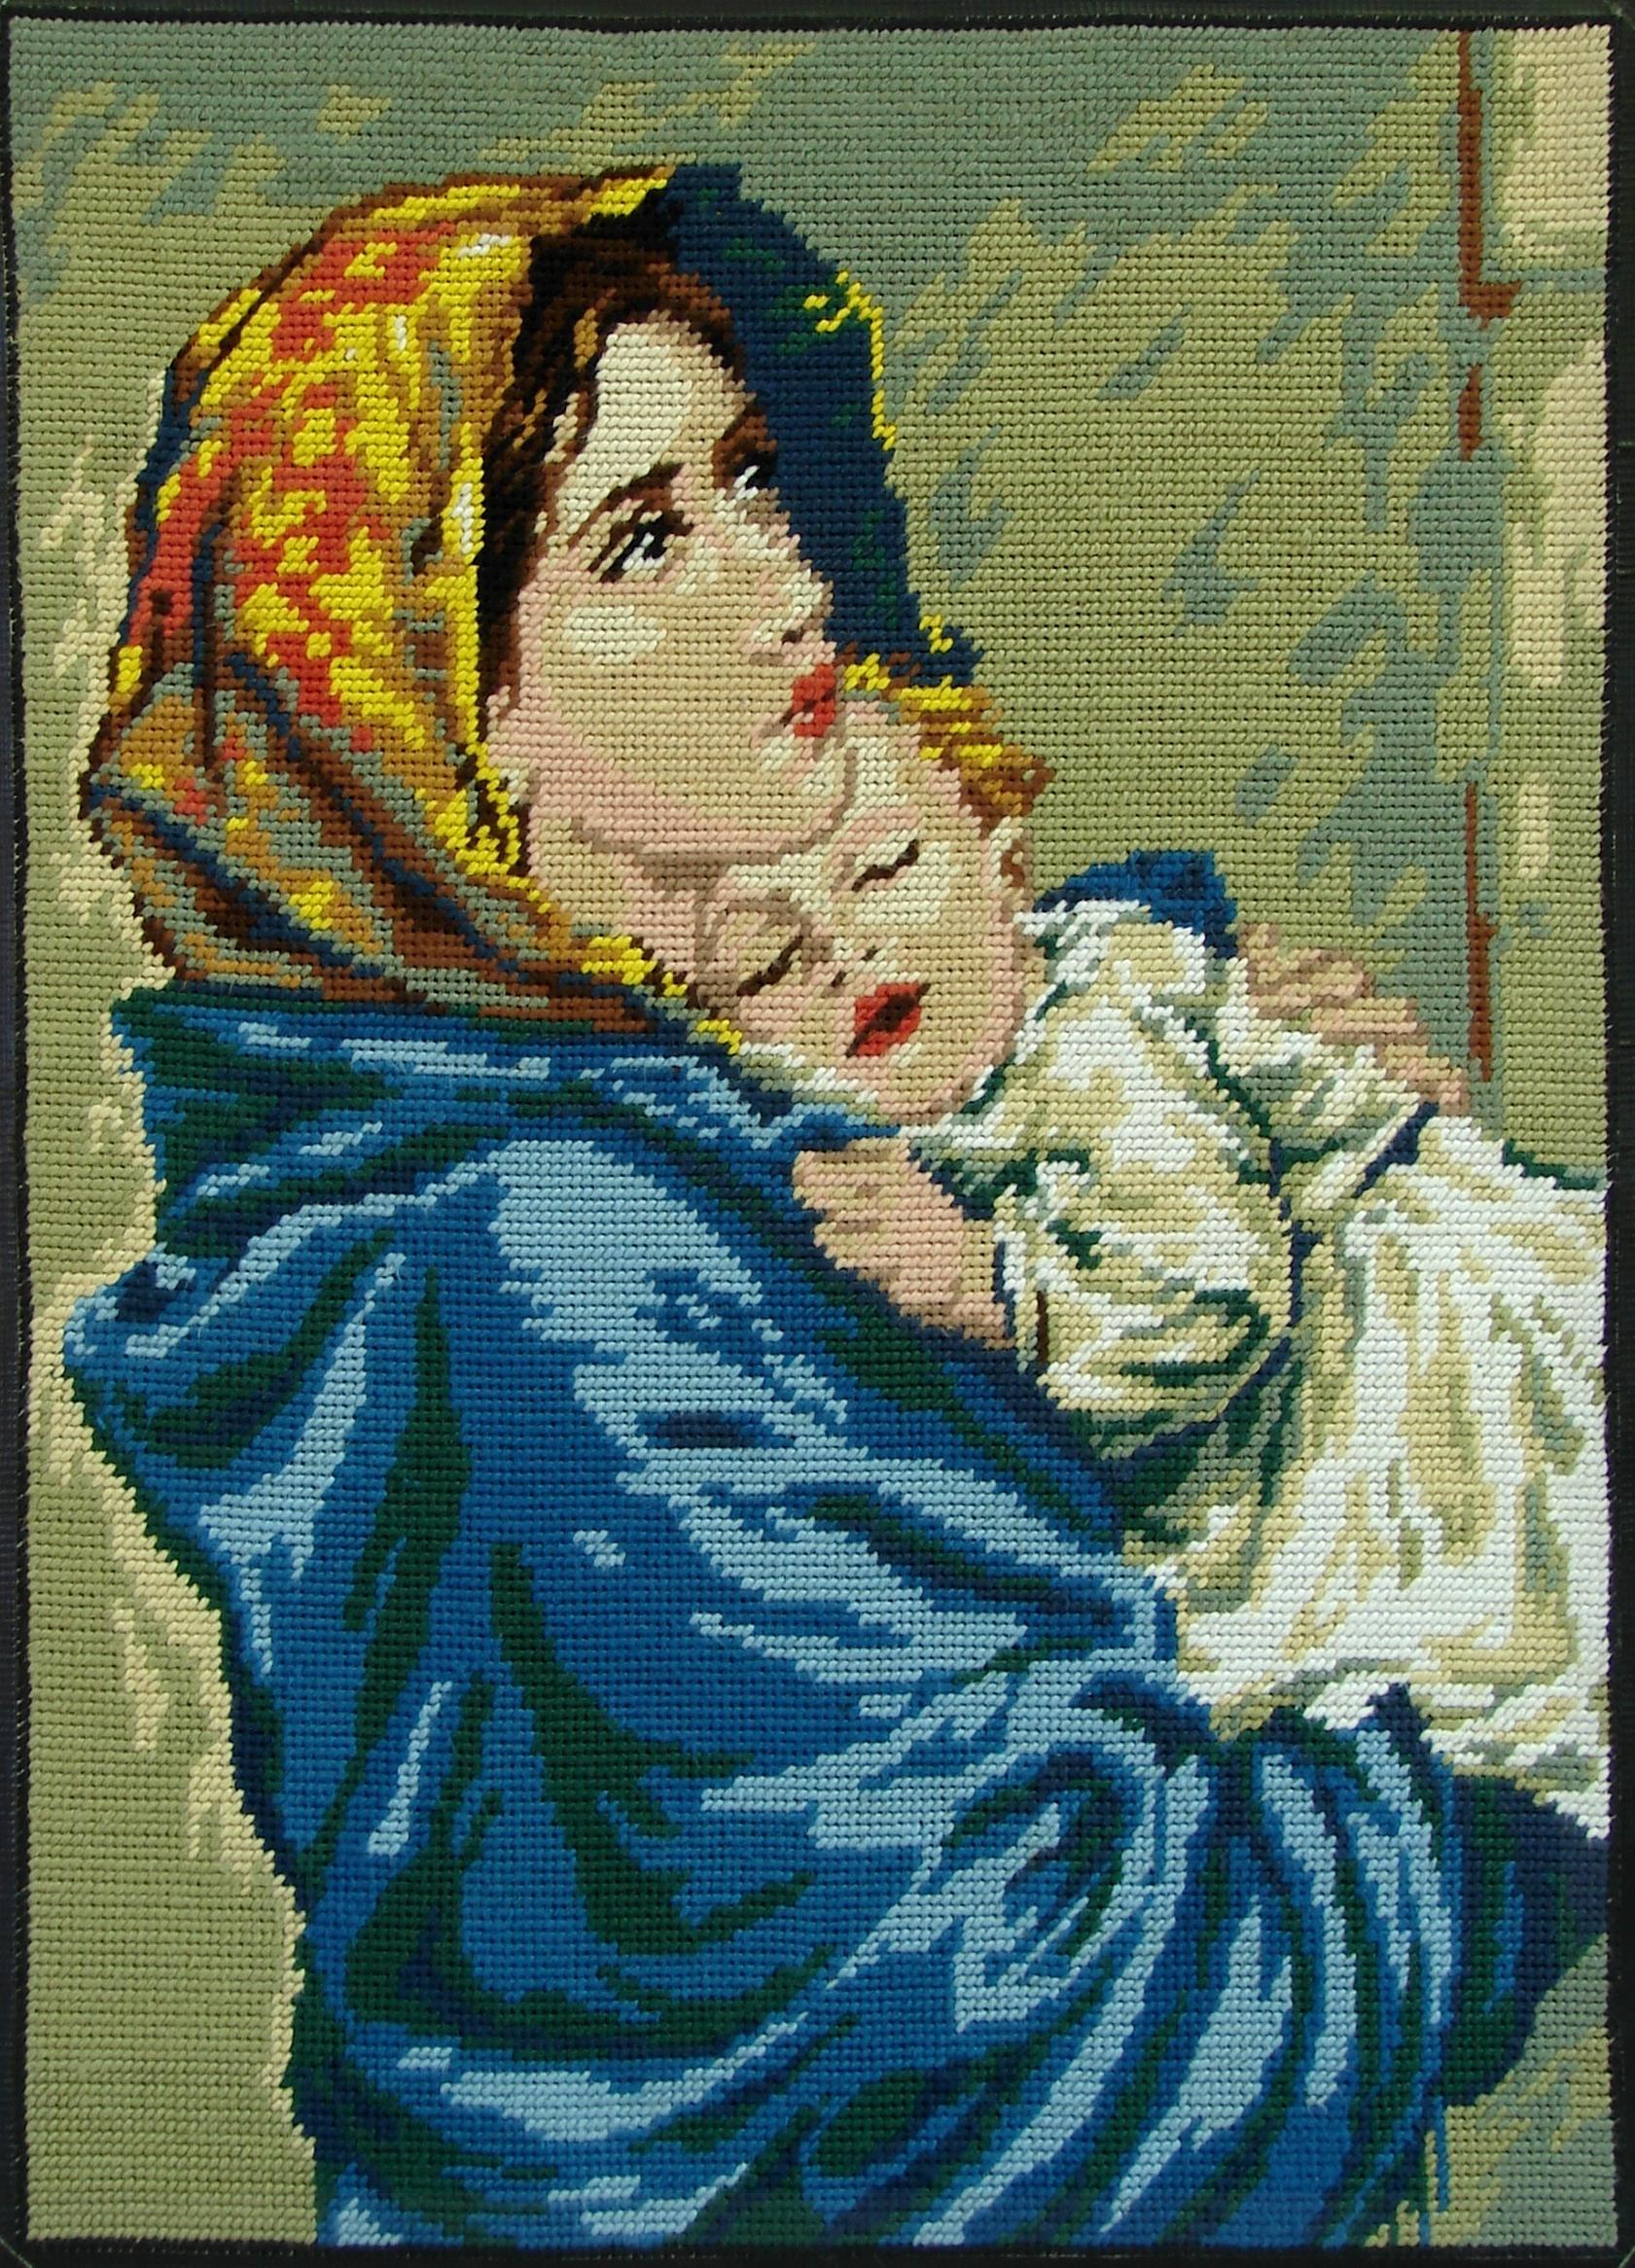 CALENDRIER CATHOLIQUE 2019 (Cantiques, Prières & Images) - Page 19 Vierge-l-enfant-canevas--56e1a6c